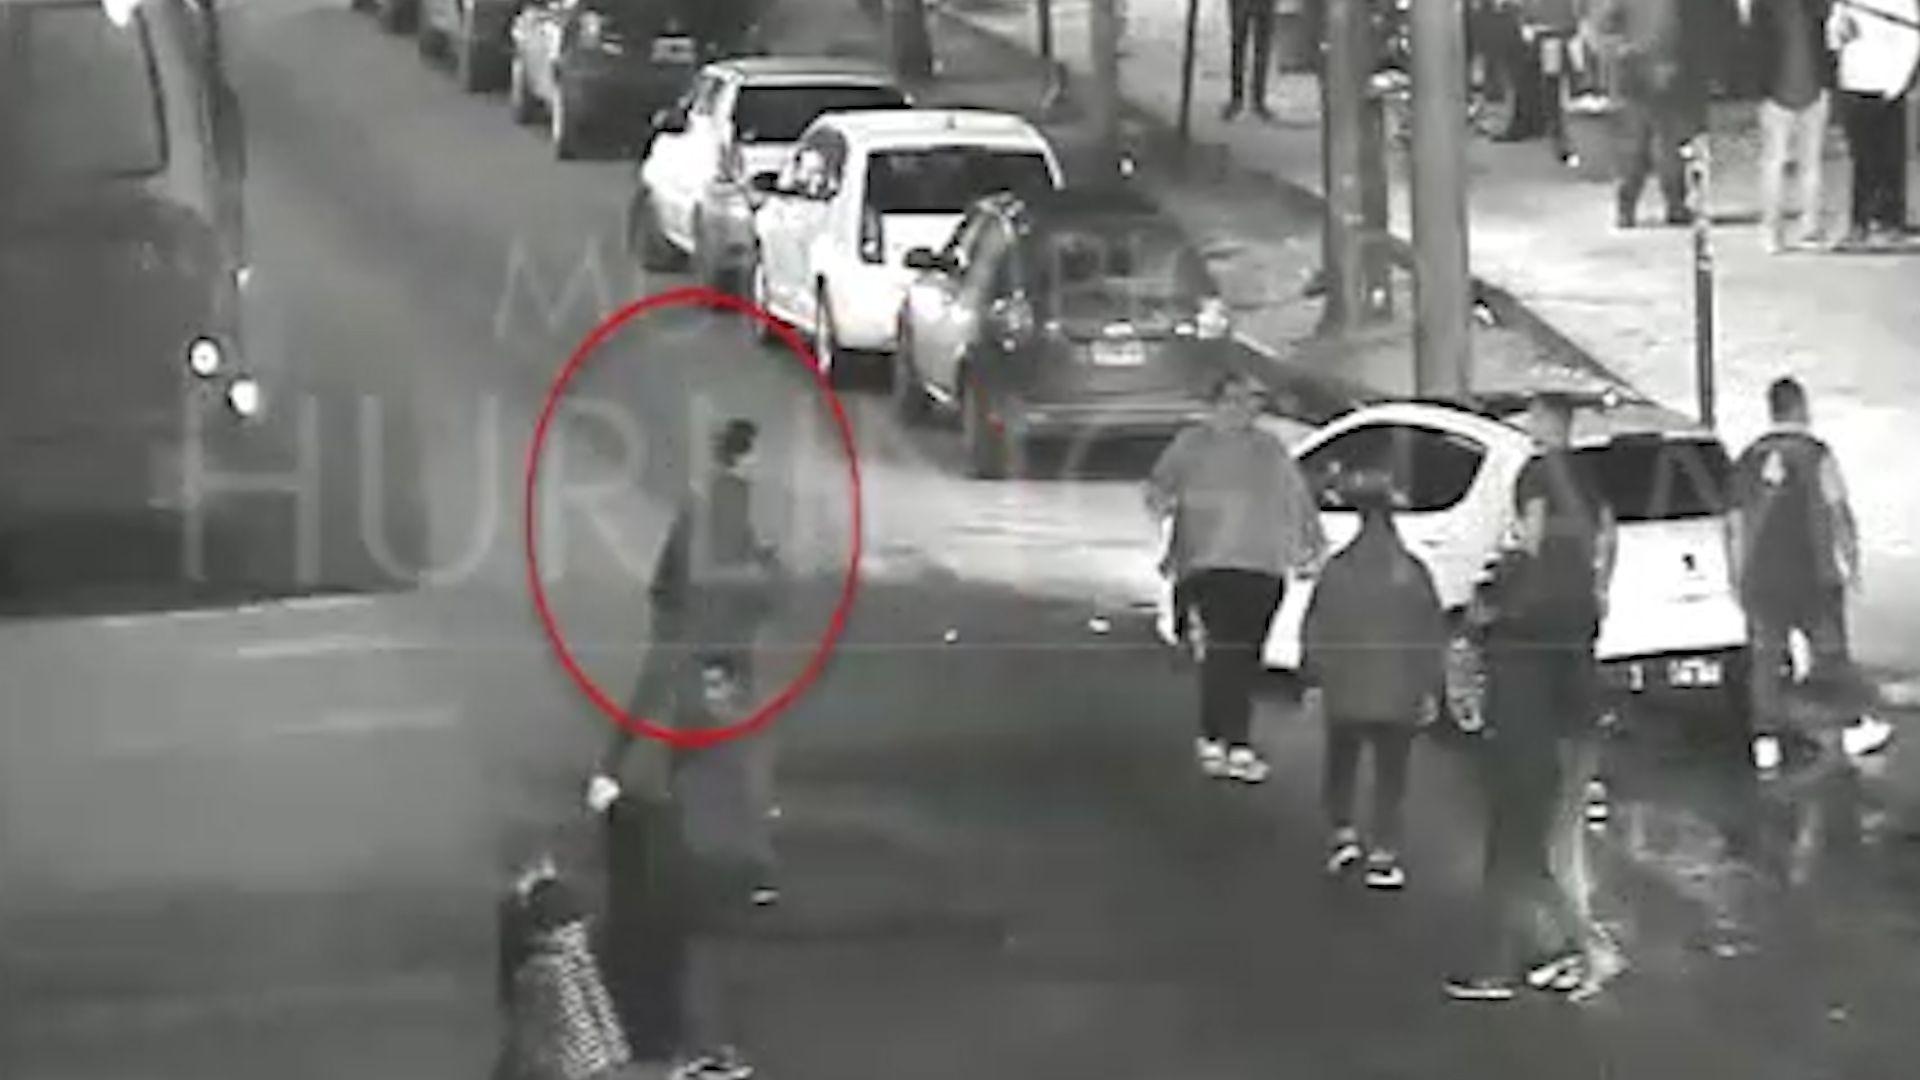 Momentos antes del crimen captado por las cámaras de seguridad